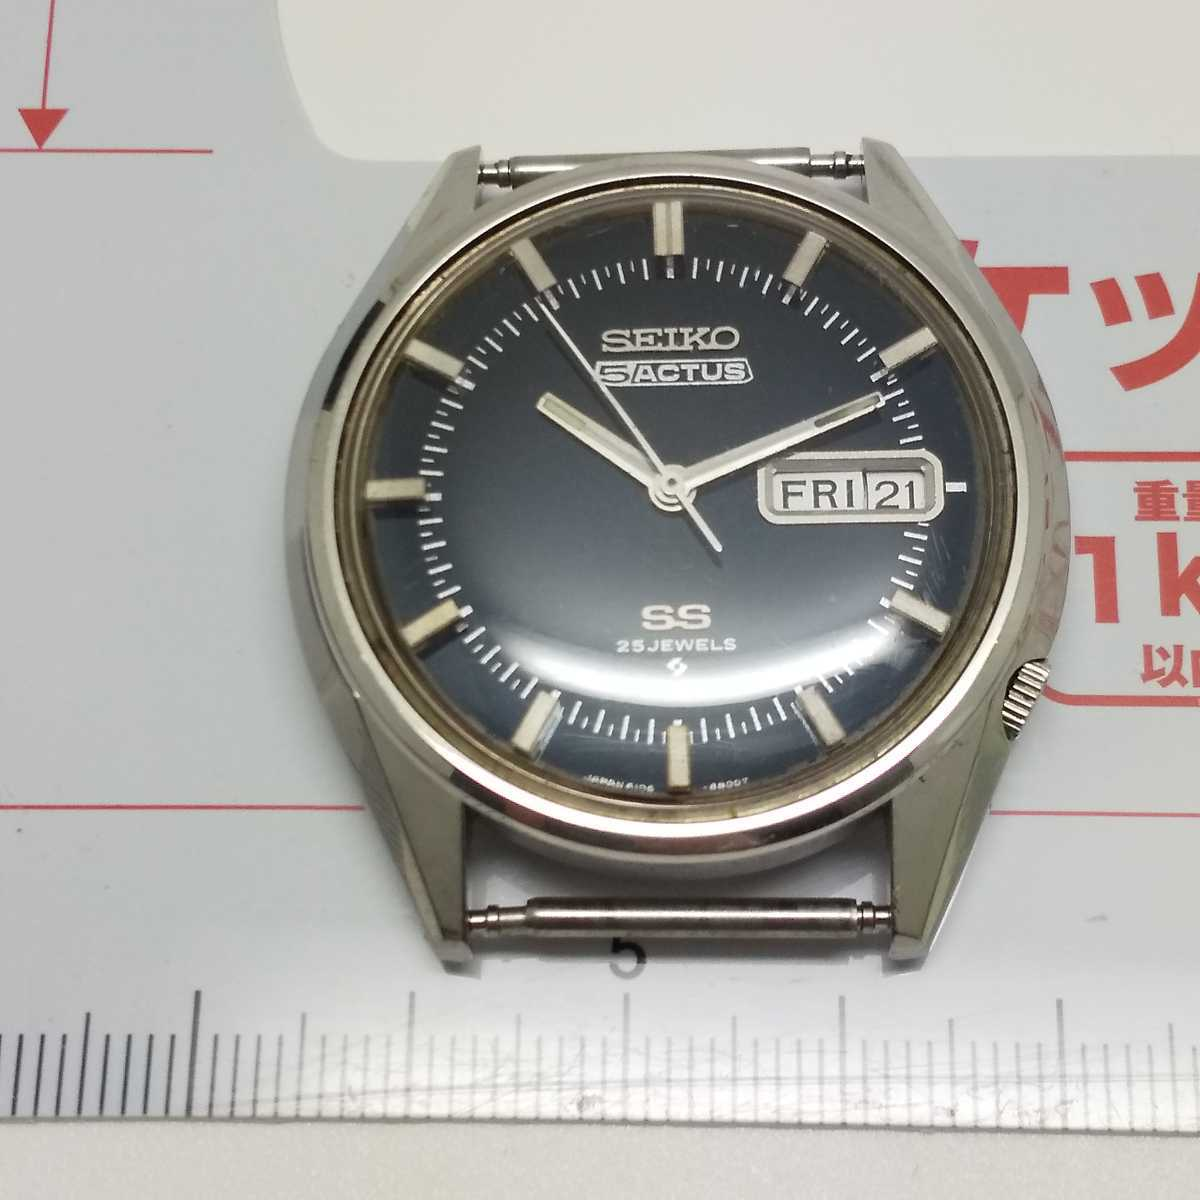 【稼働品】ビンテージセイコー6106-8610★メンズ機械式腕時計(自動巻きオートマチック)【アルコール清掃済み】